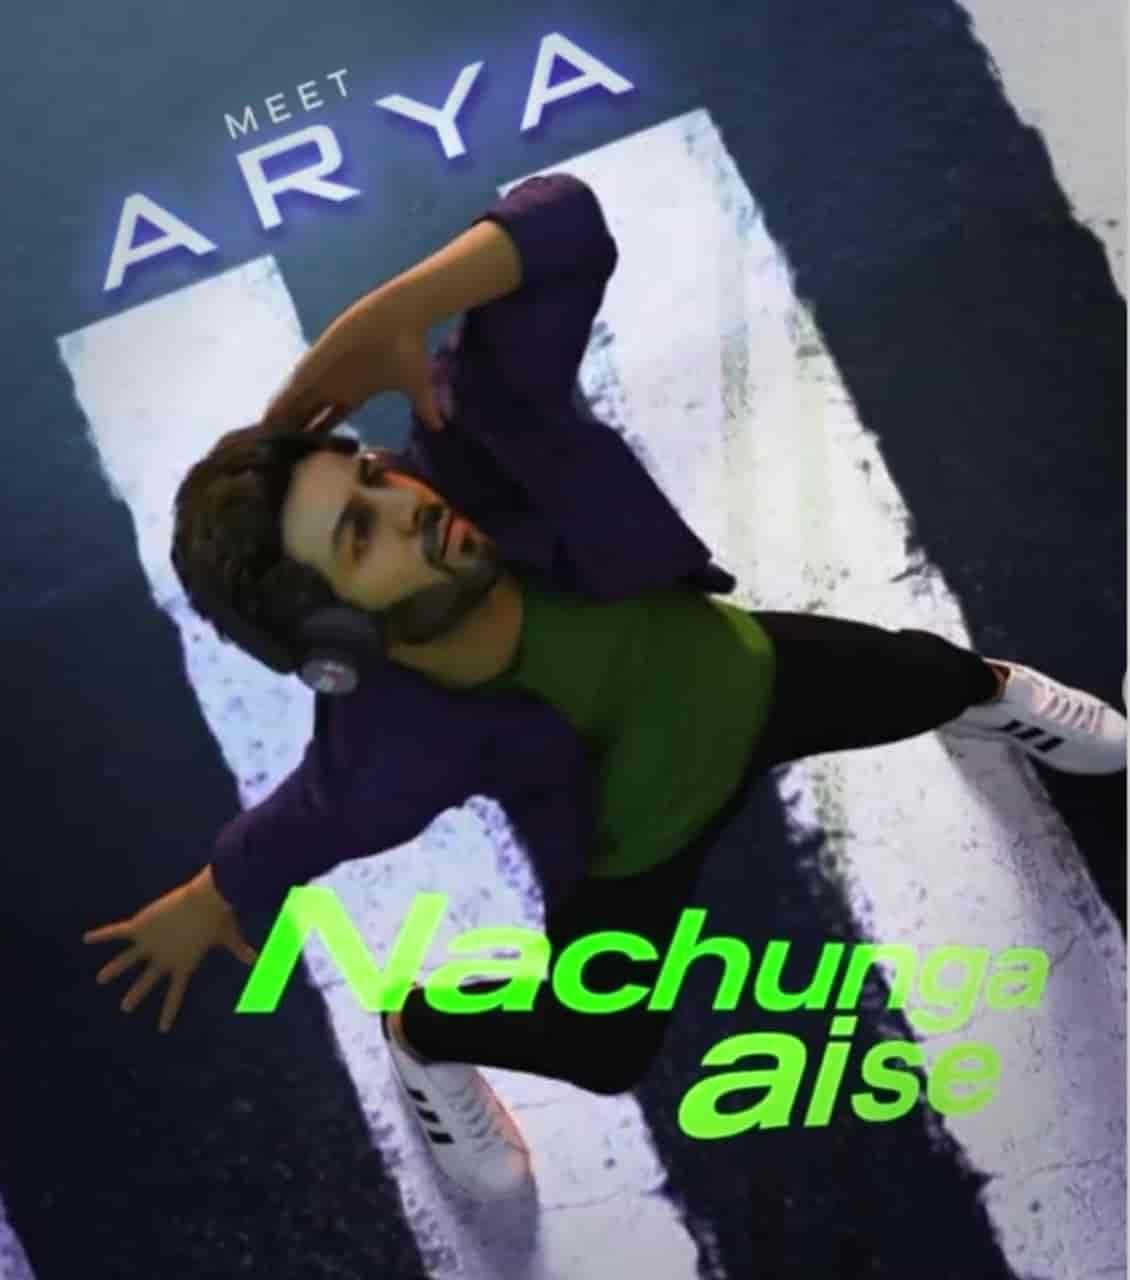 Nachunga Aise Hindi Song Image Features Kartik Aryan